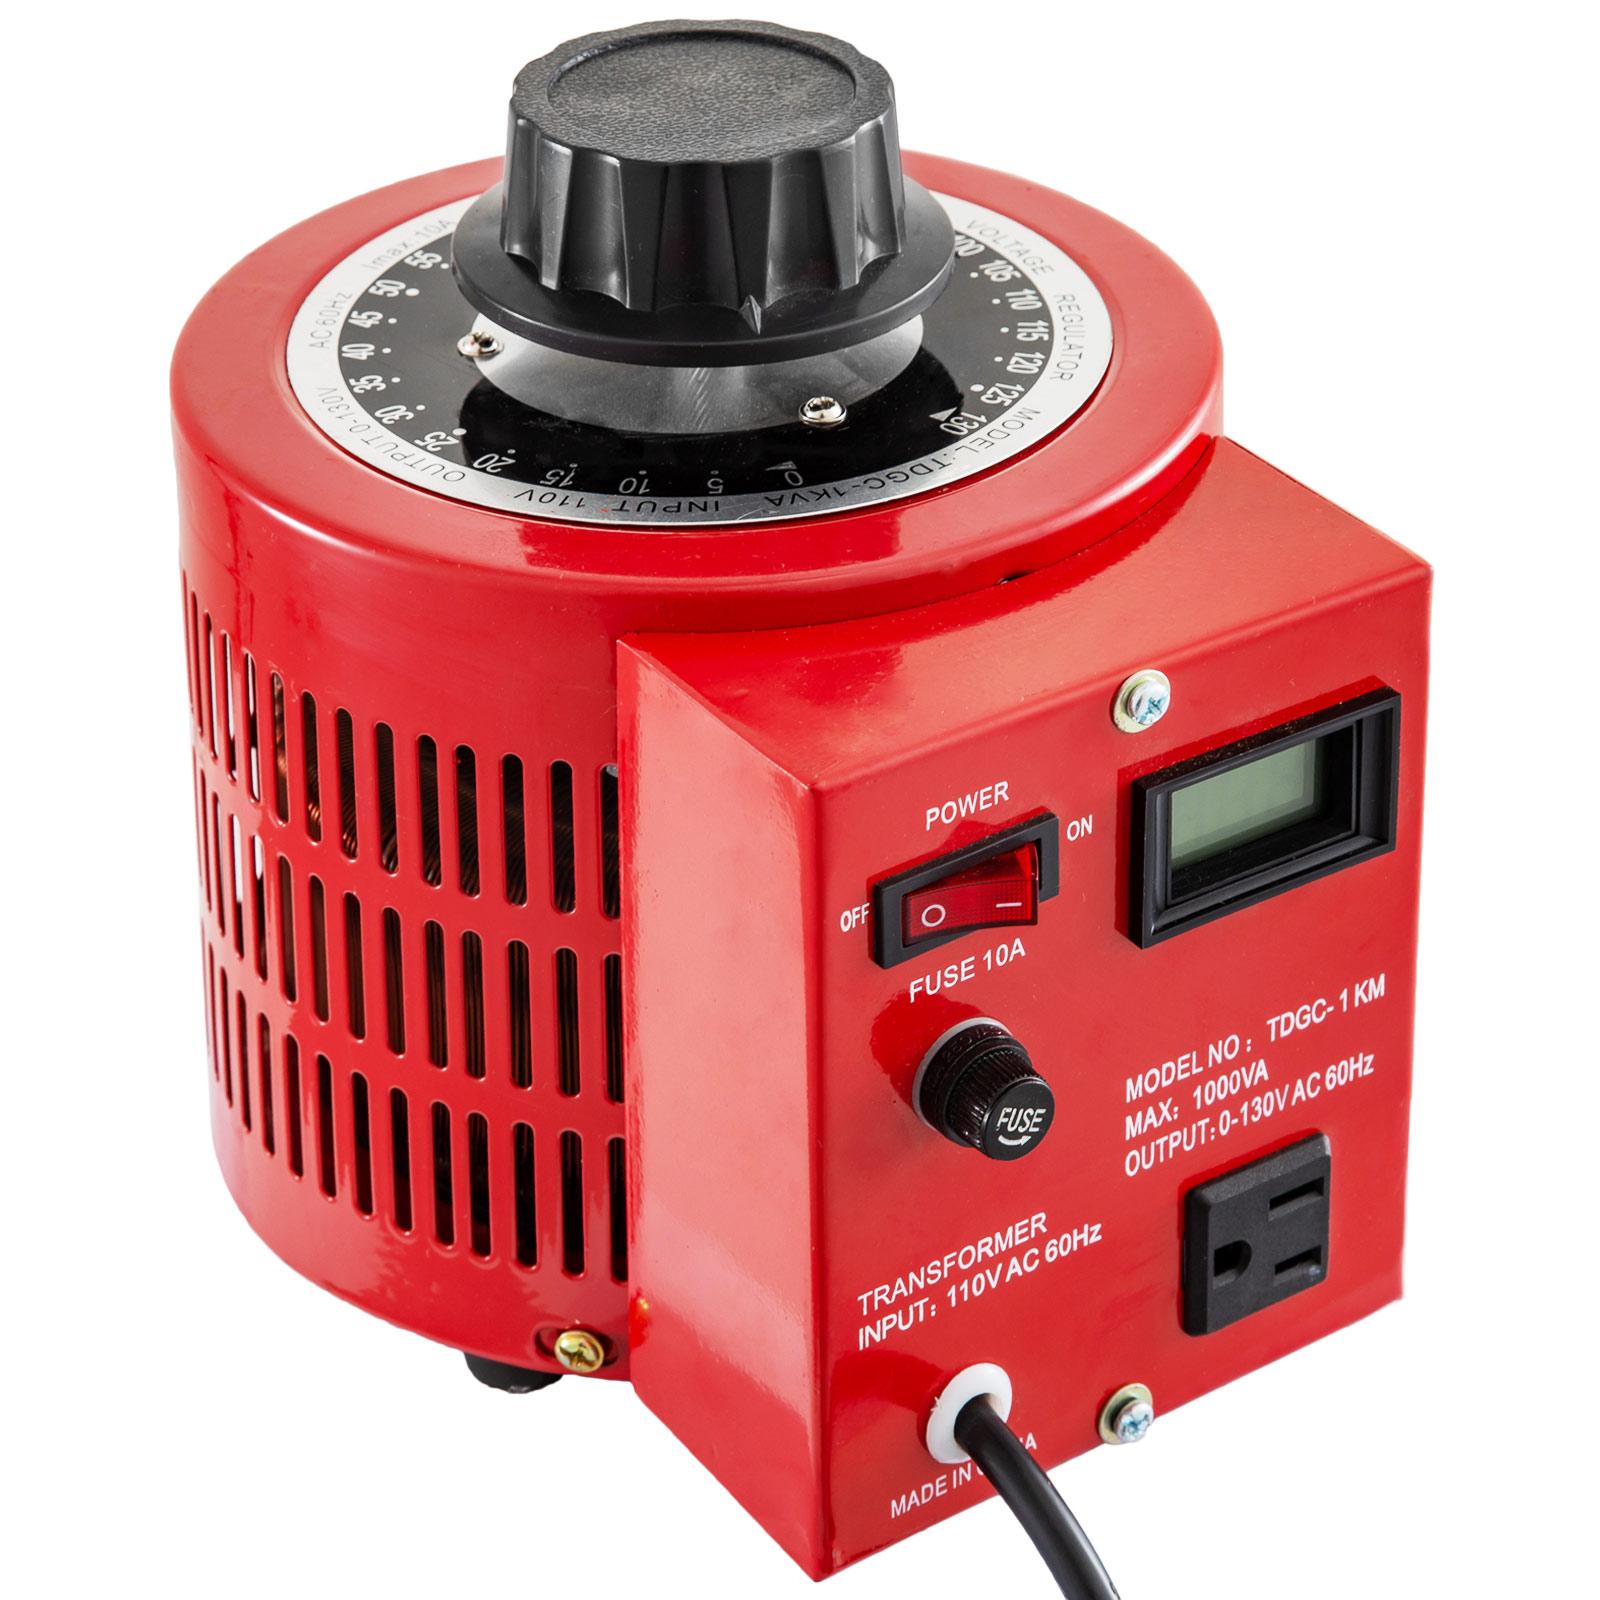 Variac-Variable-Transforme-0-5-1-2-3KVA-LCD-Single-Phase-Digital-Display-0-130V thumbnail 36